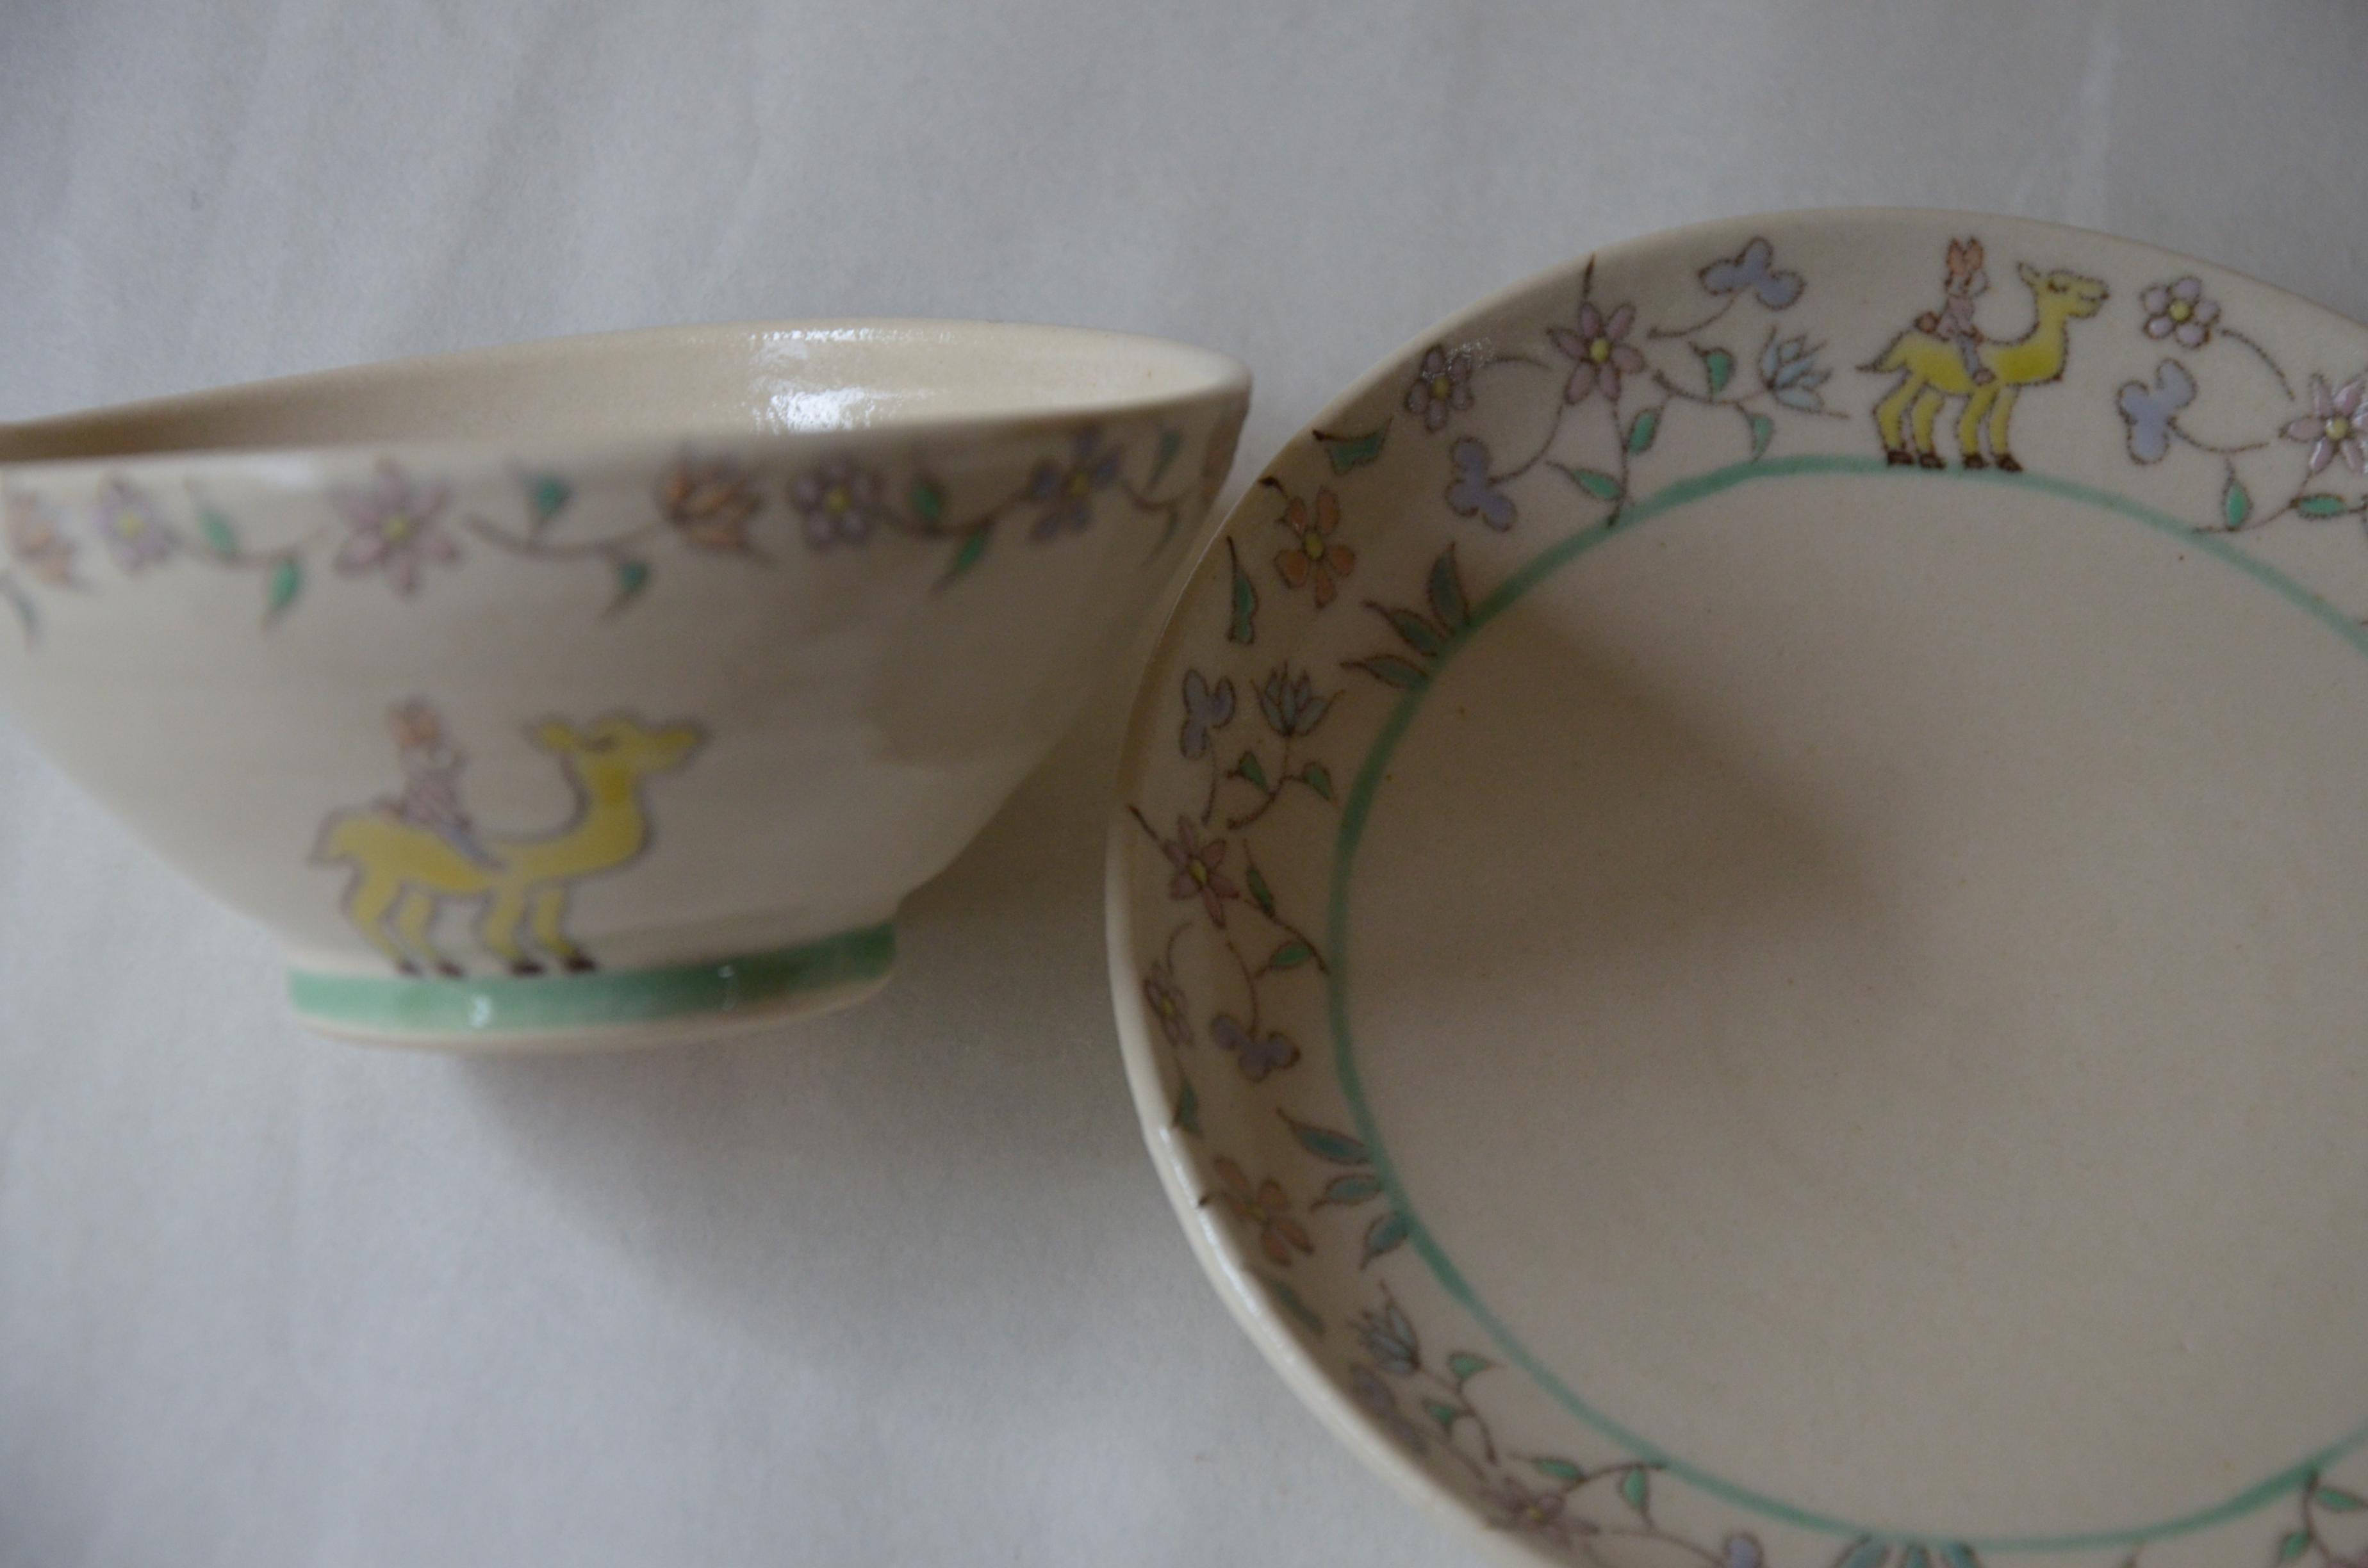 旅するうさちゃん 子ども茶碗.5寸皿